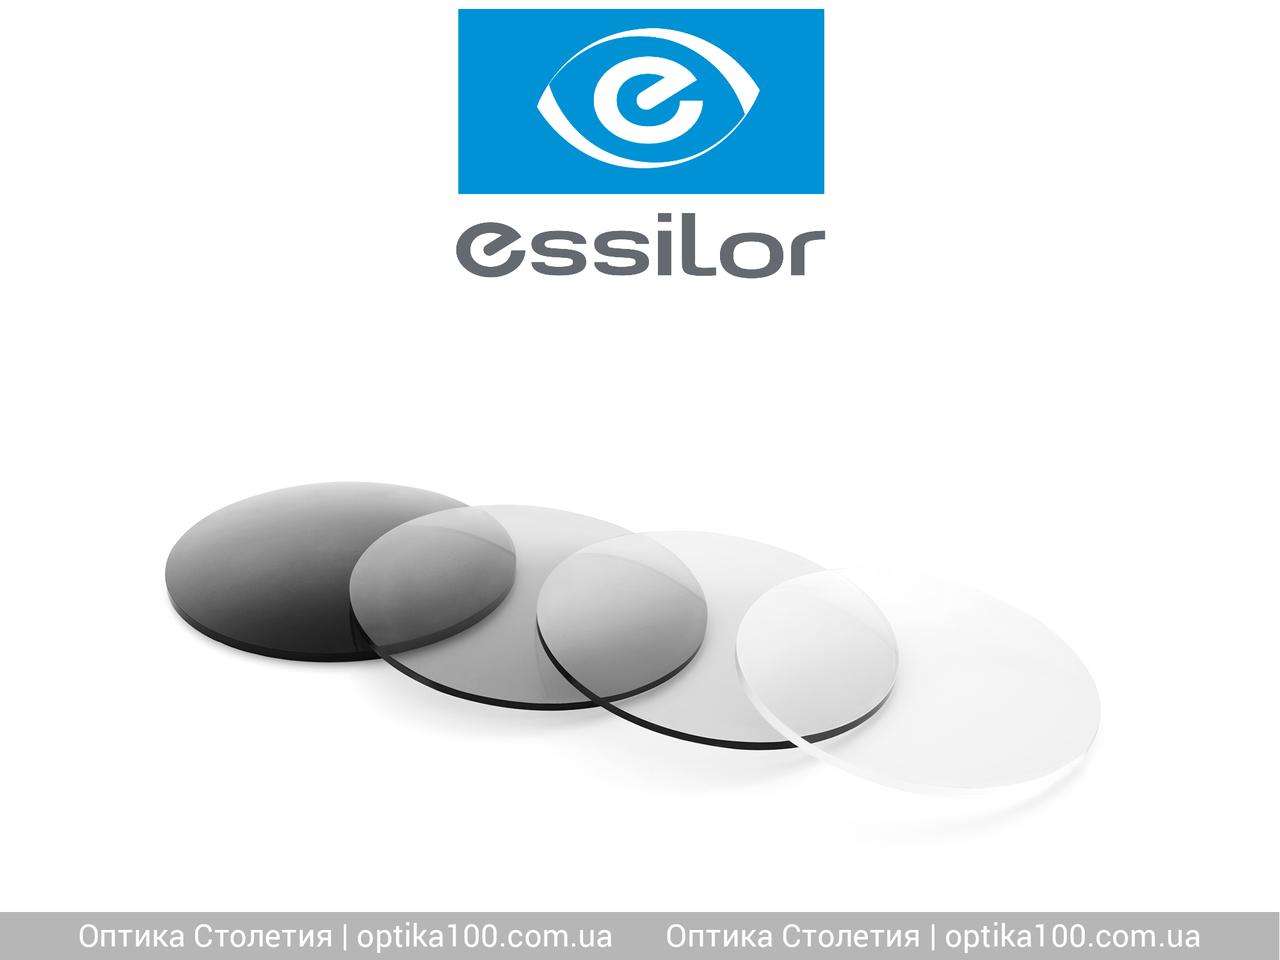 Фотохромная линза Essilor Orma Acclimates Trio. Затемнение до 81-84%